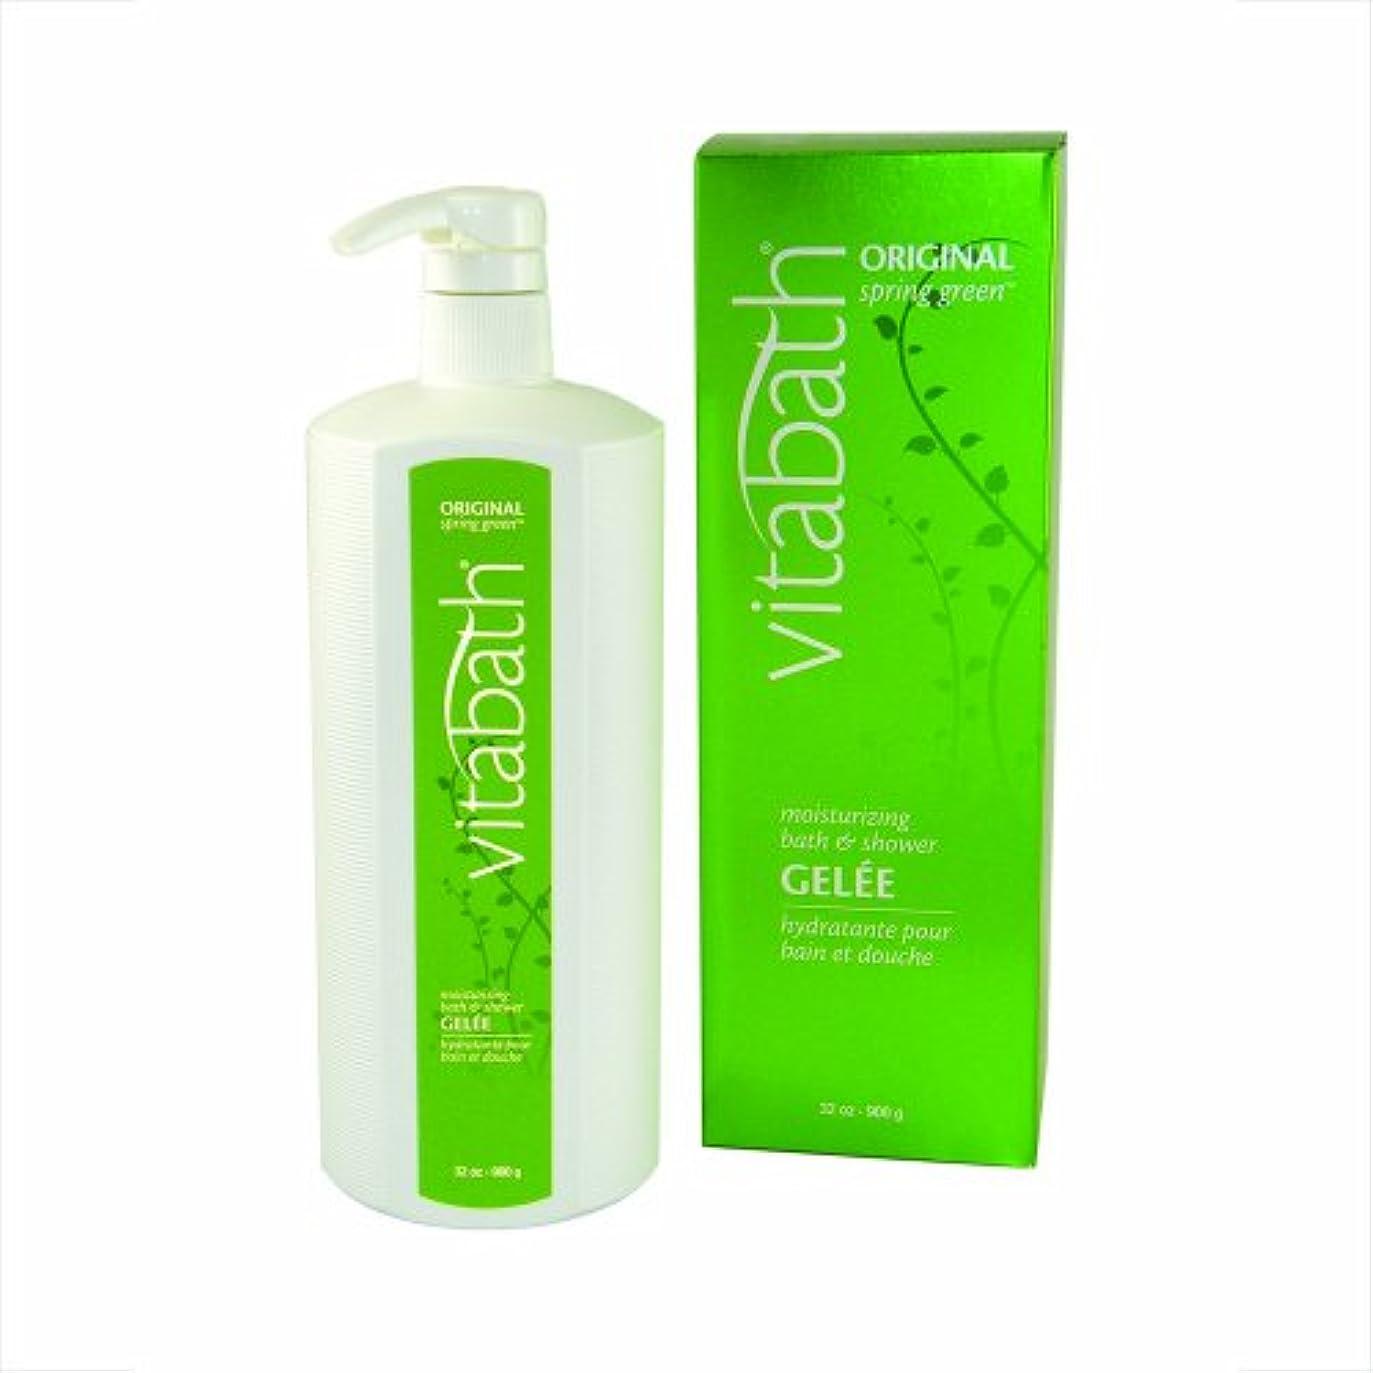 でもタンパク質フロントVitabath Original Spring Green Moisturizing Bath & Shower Gelee 32 oz bath gel by Vitabath